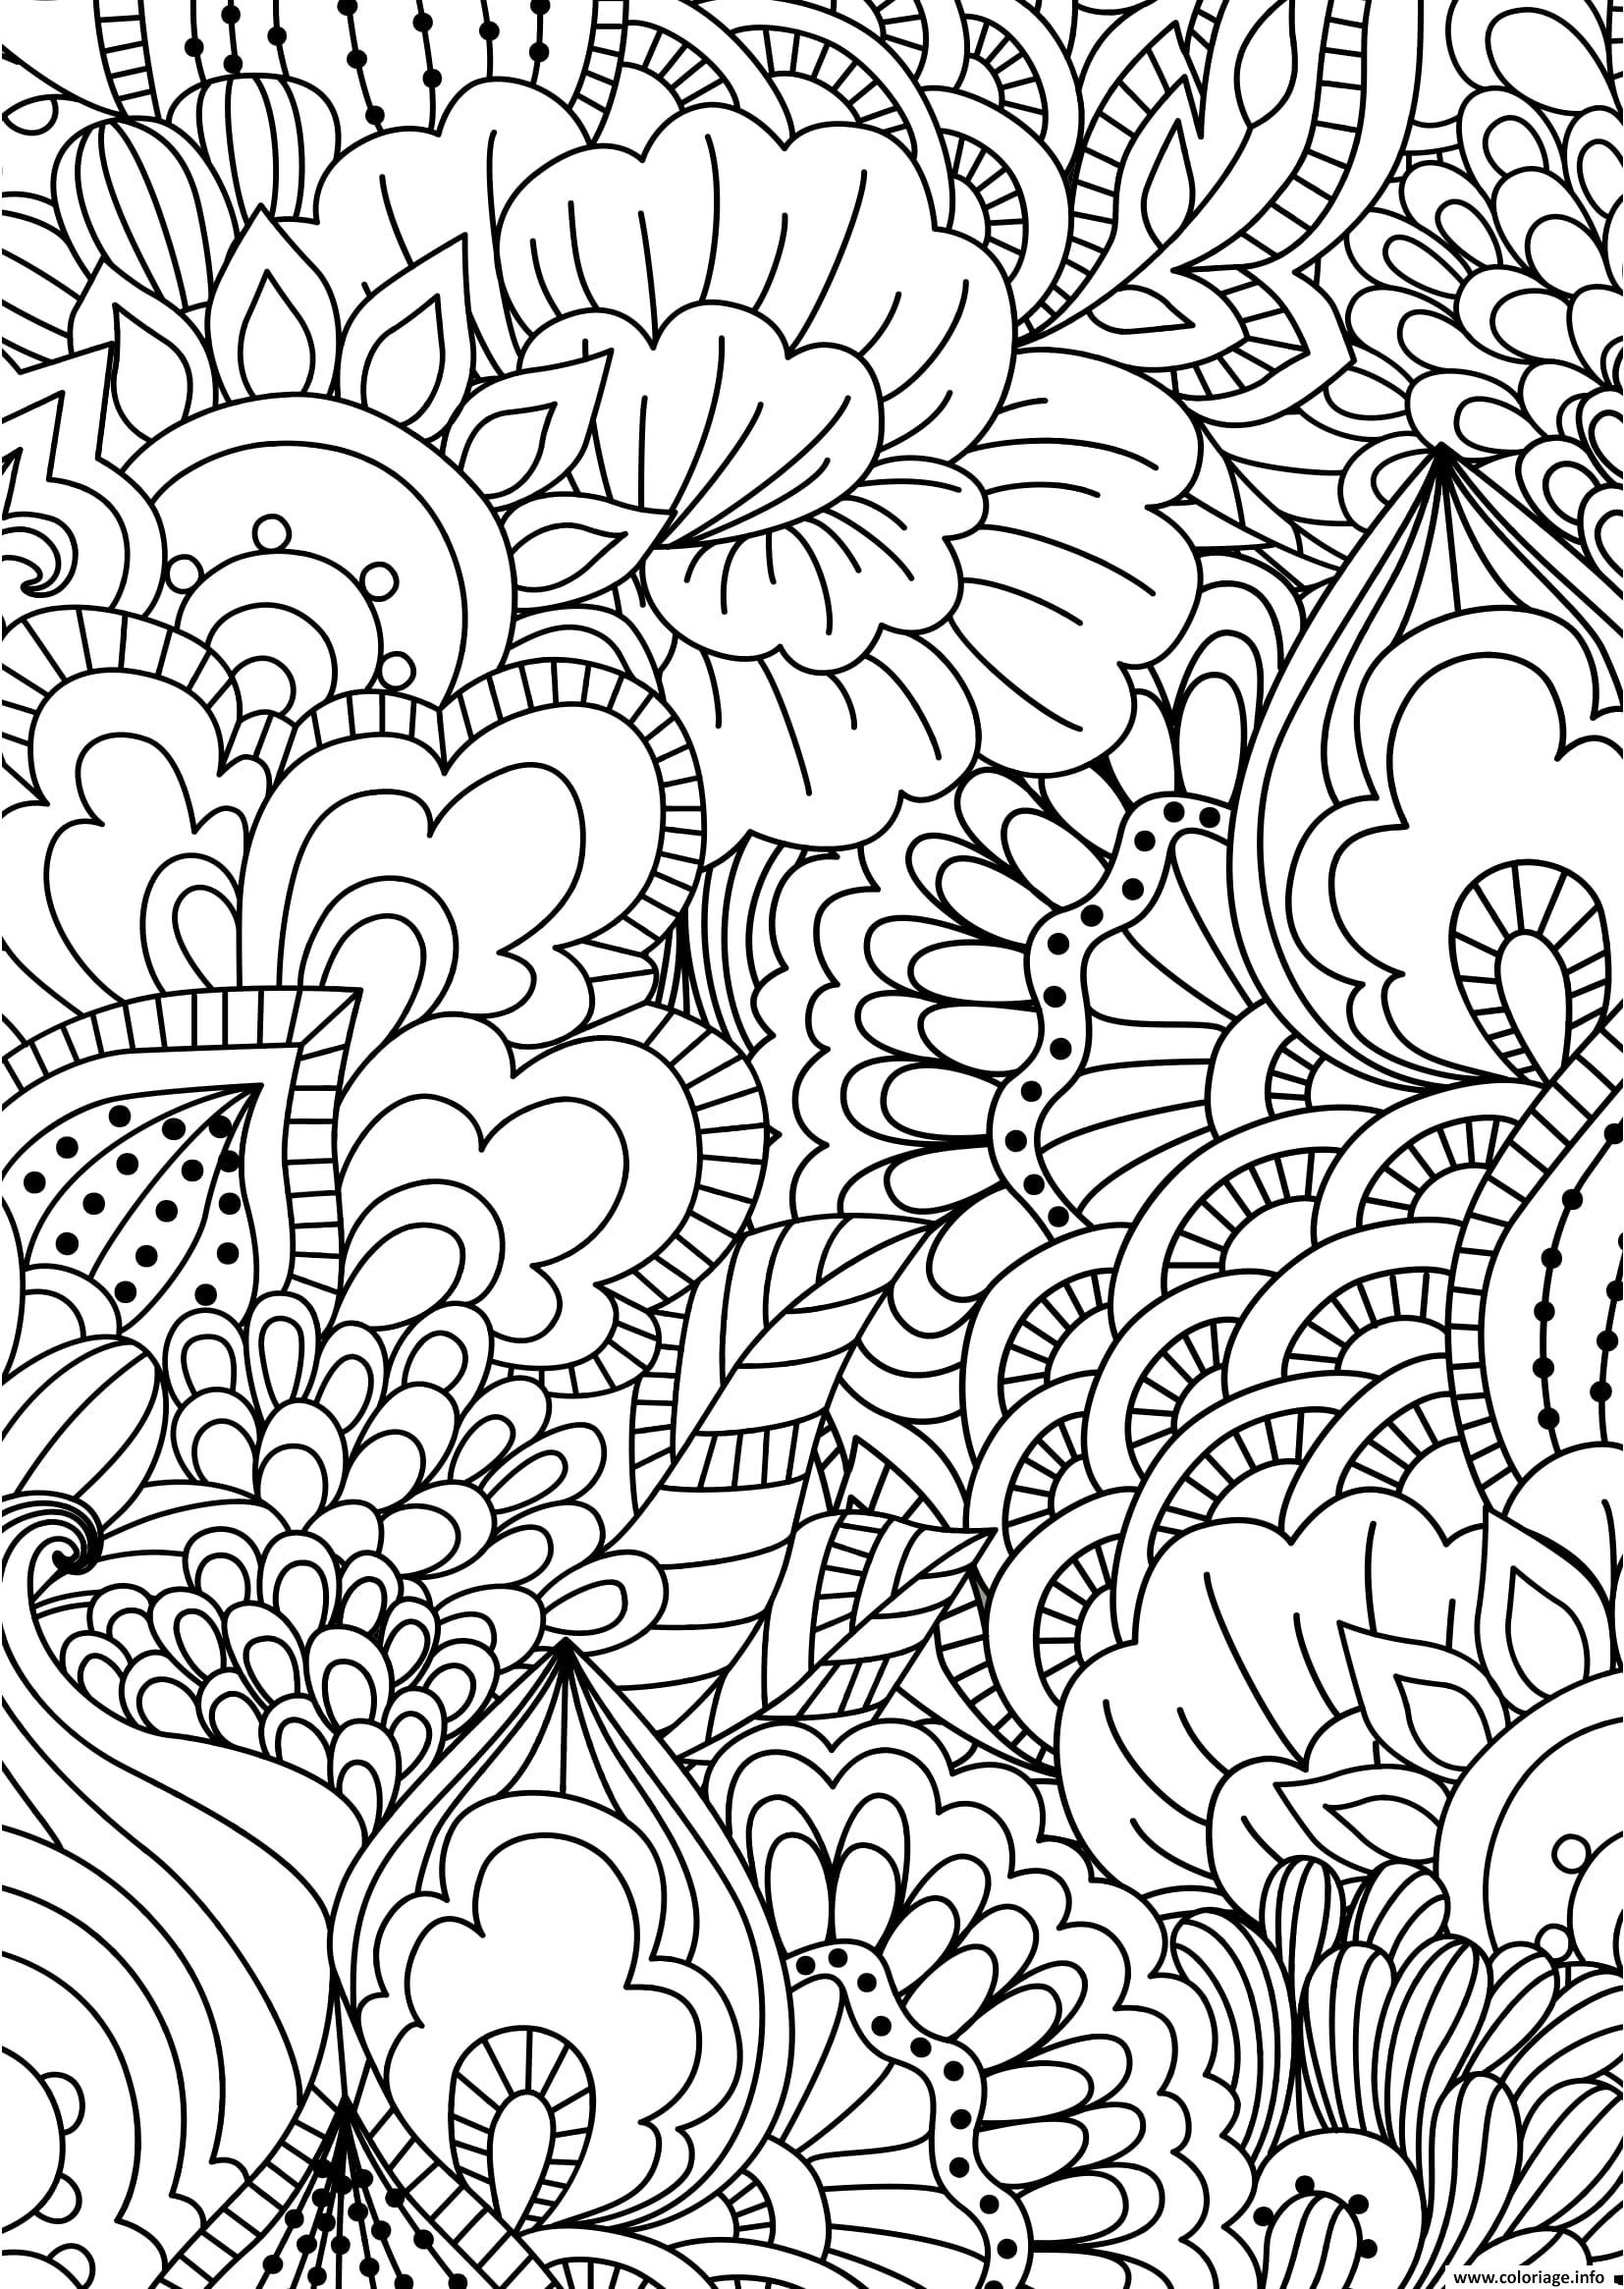 Coloriage Fleurs Adulte Pattern Zentangle dessin